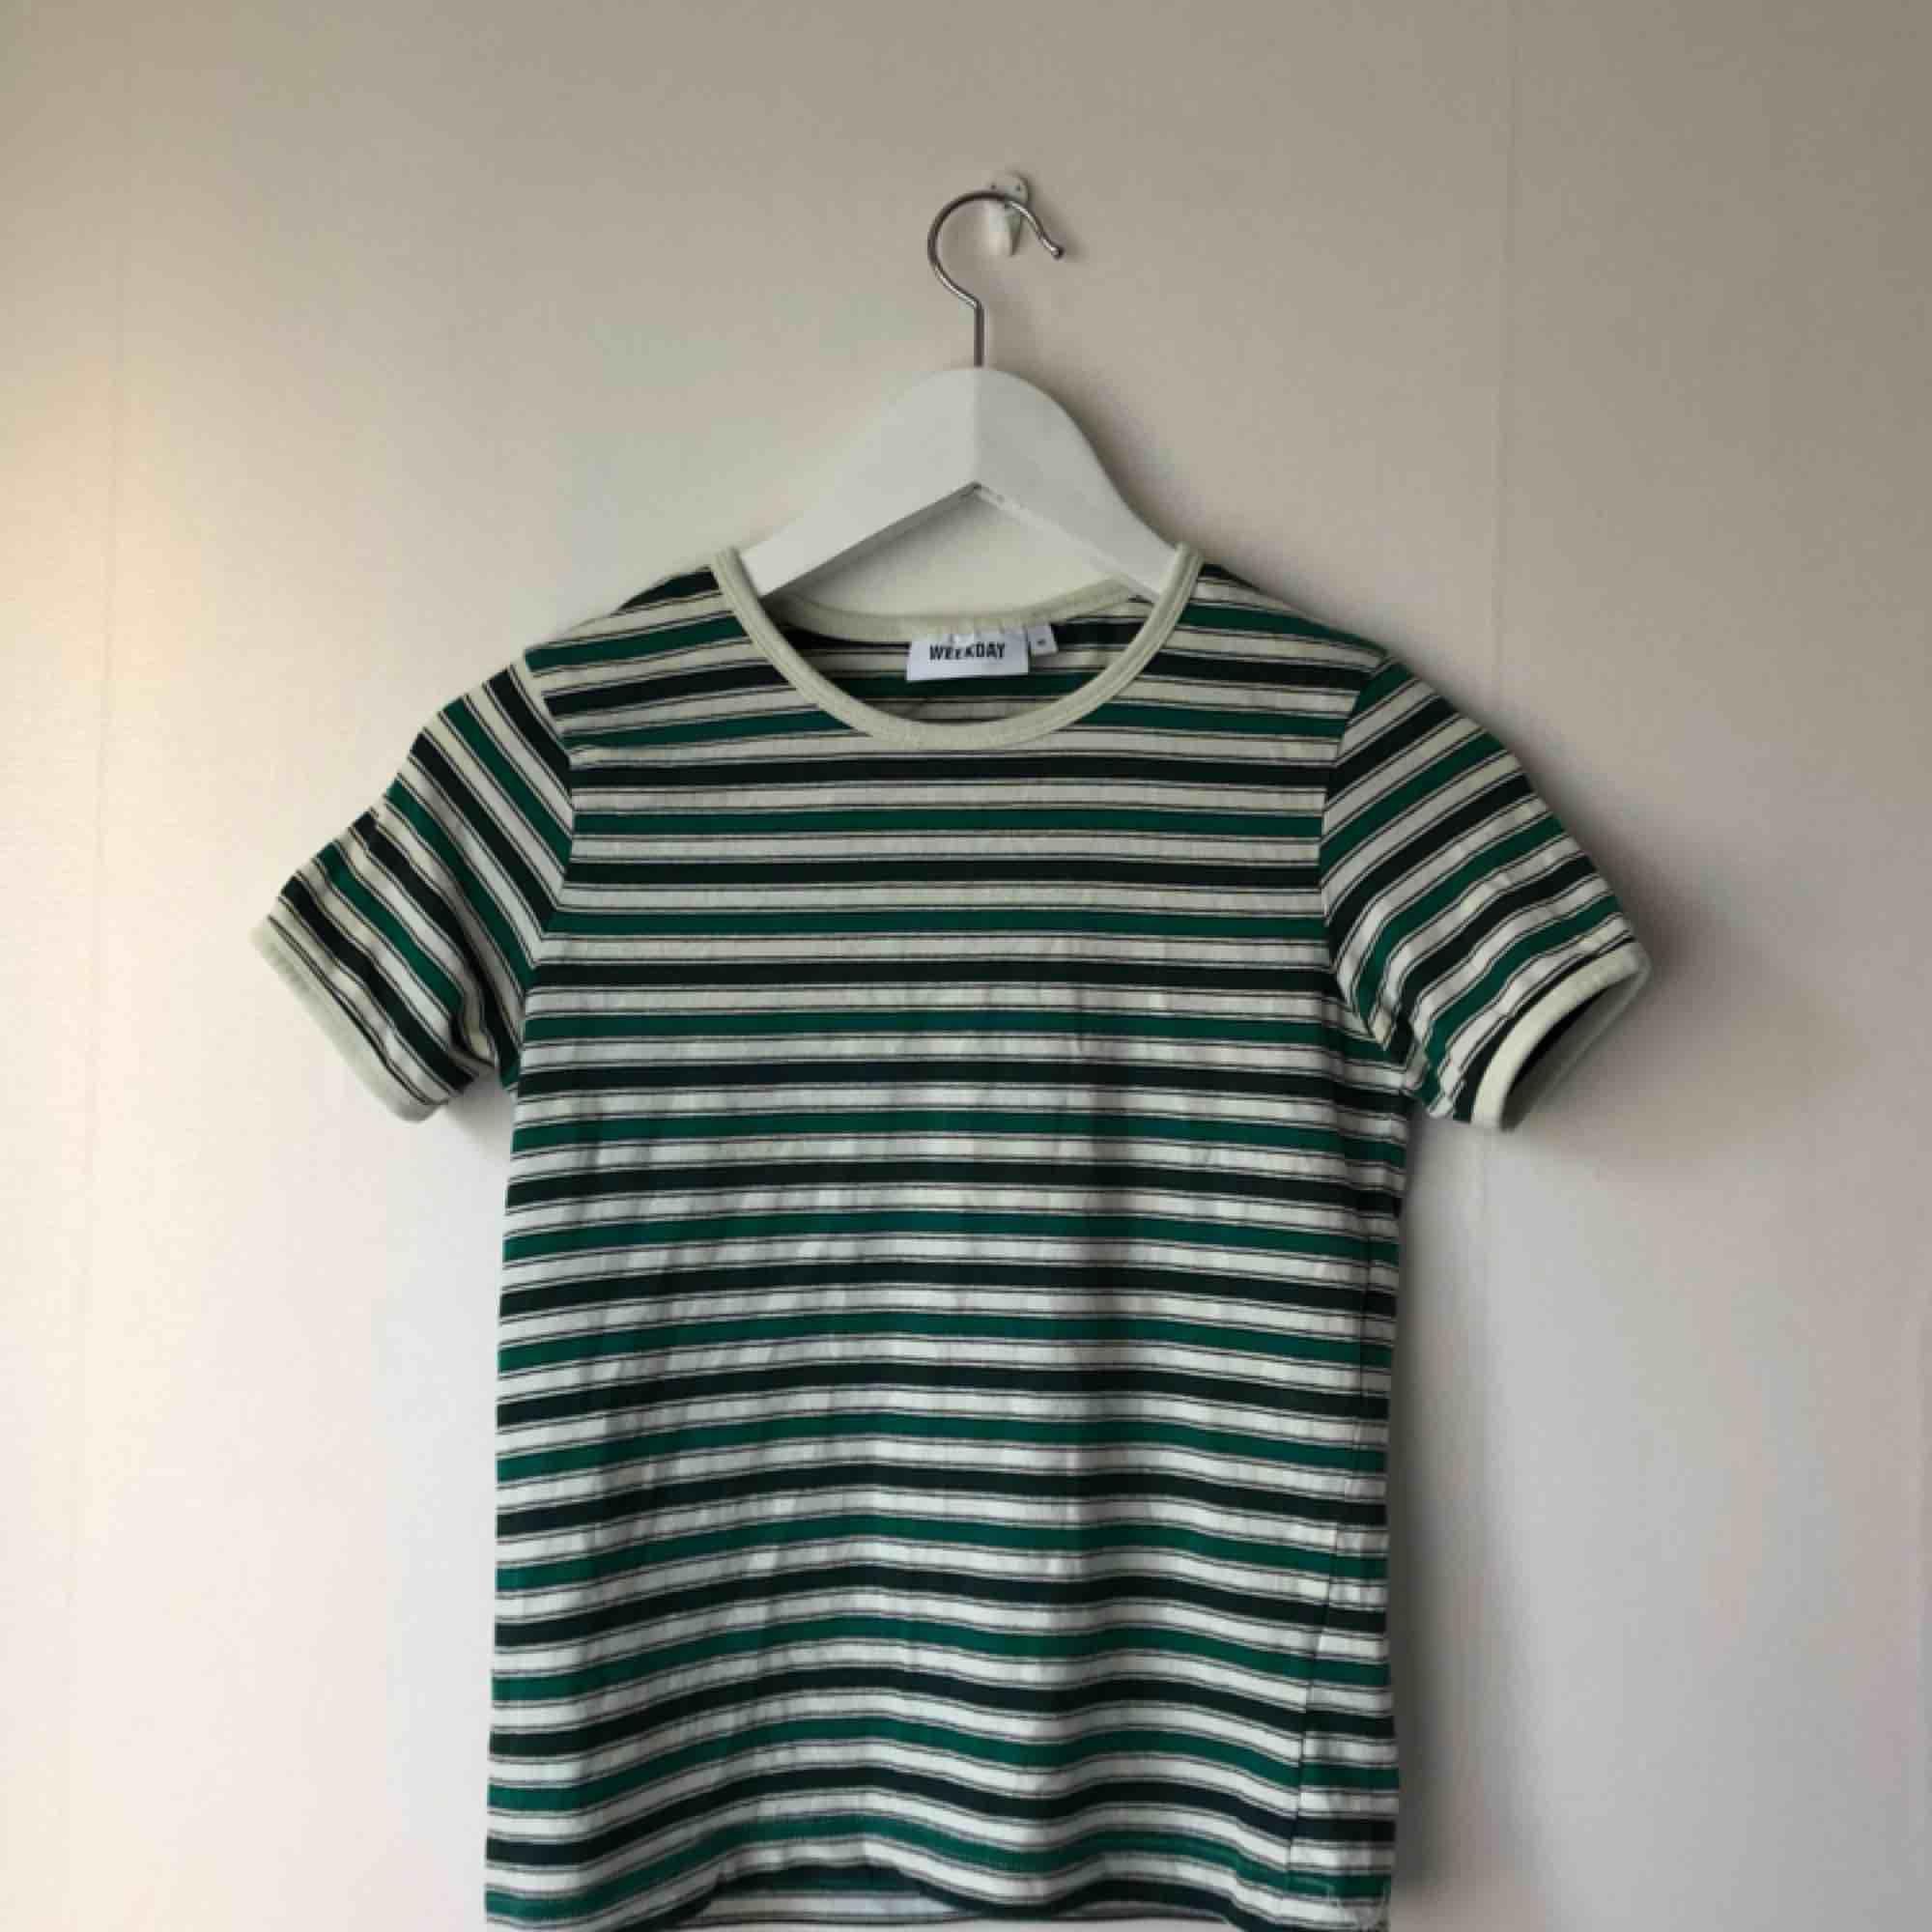 Kvalité: fint skick. Använd några gånger. Original pris: 150kr   Kan mötas mellan Alingsås och Göteborg, annars är det 10 kr extra för leverans:) . T-shirts.